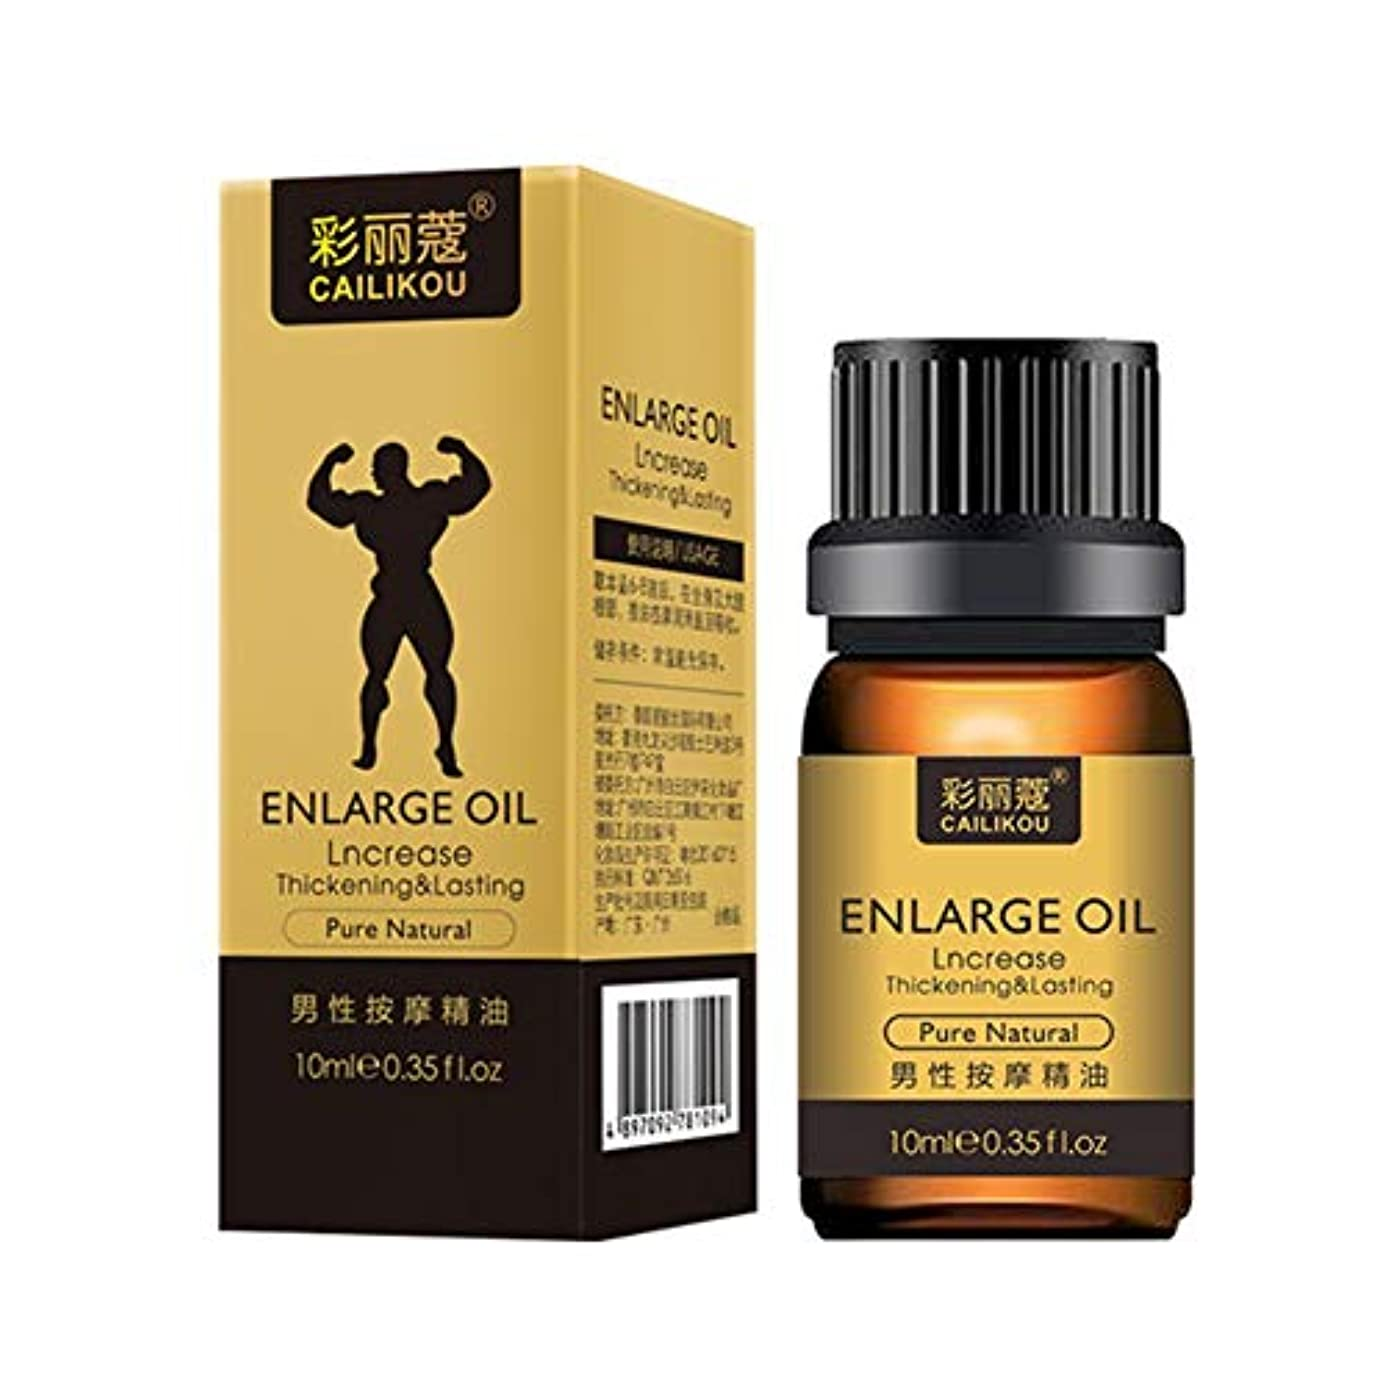 兵器庫鷹高揚した性のための男性のエネルギーオイルはマッサージの永久に濃厚な成長の丸薬がディックの液体の男性のヘルスケアを高めます